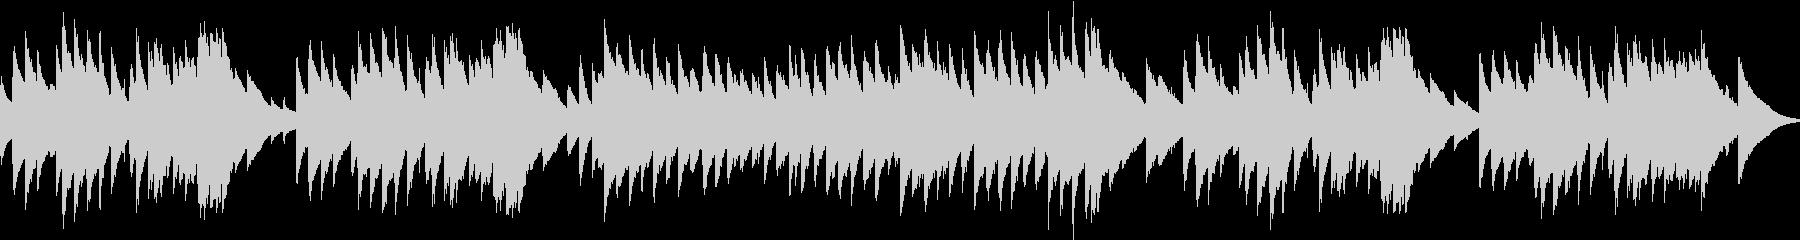 オルゴールの曲や、子供向けの番組などに…の未再生の波形